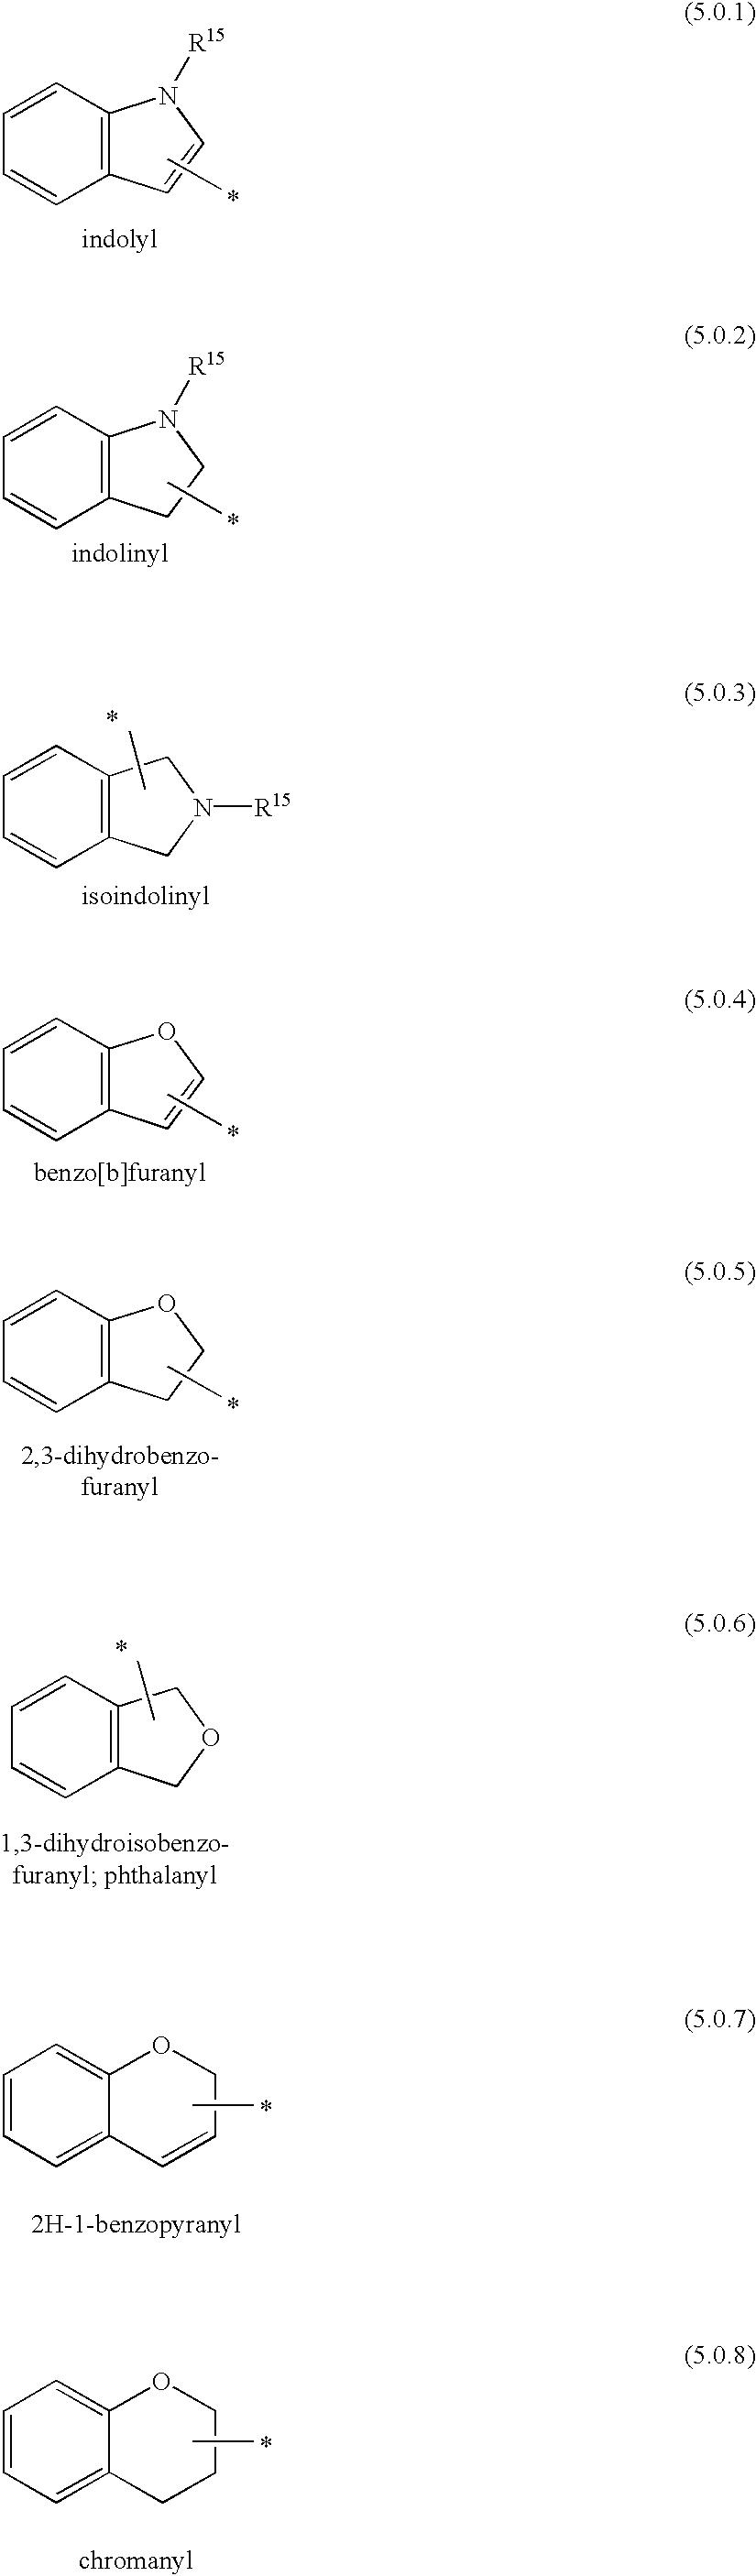 Figure US20030186974A1-20031002-C00168